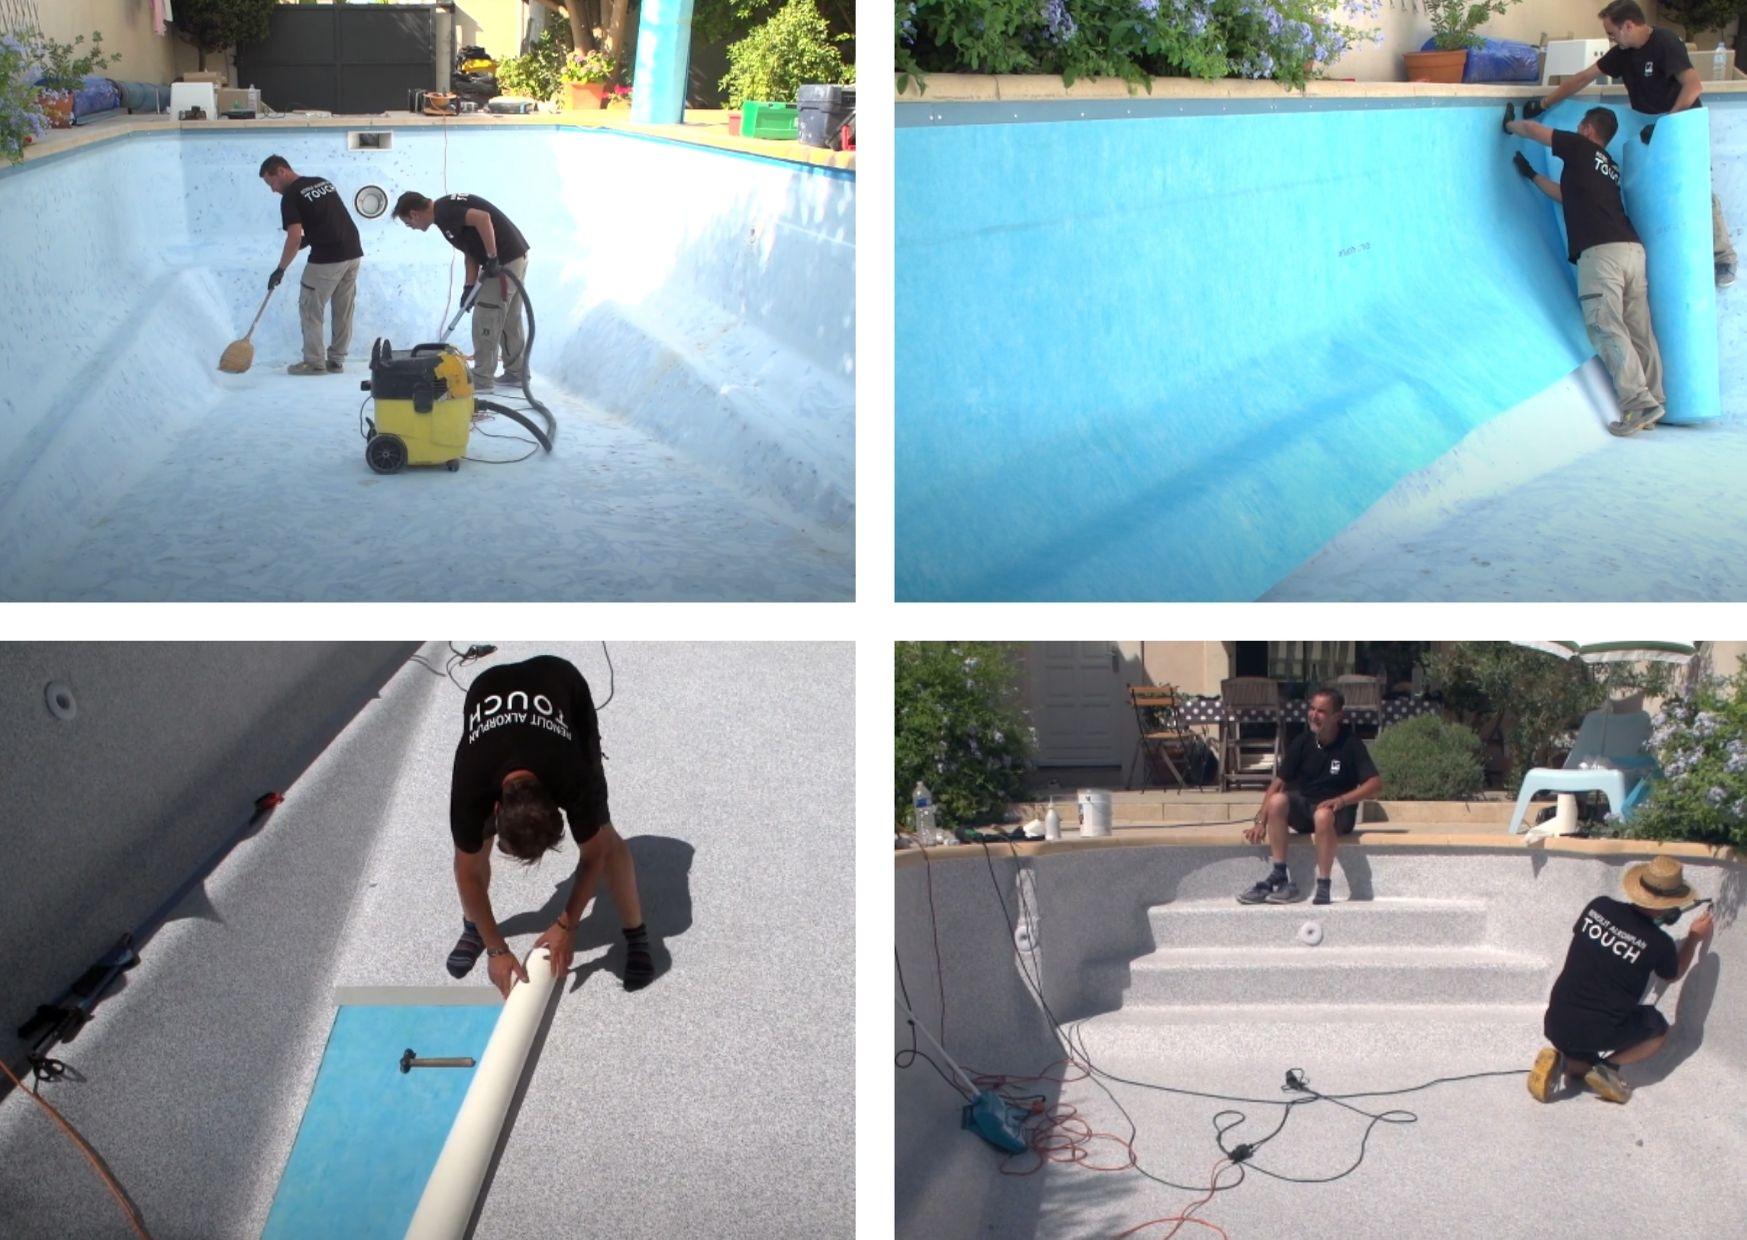 rehabilitacion_piscina_Renolit_Alkorplan_Touch_Origin_Reindesa